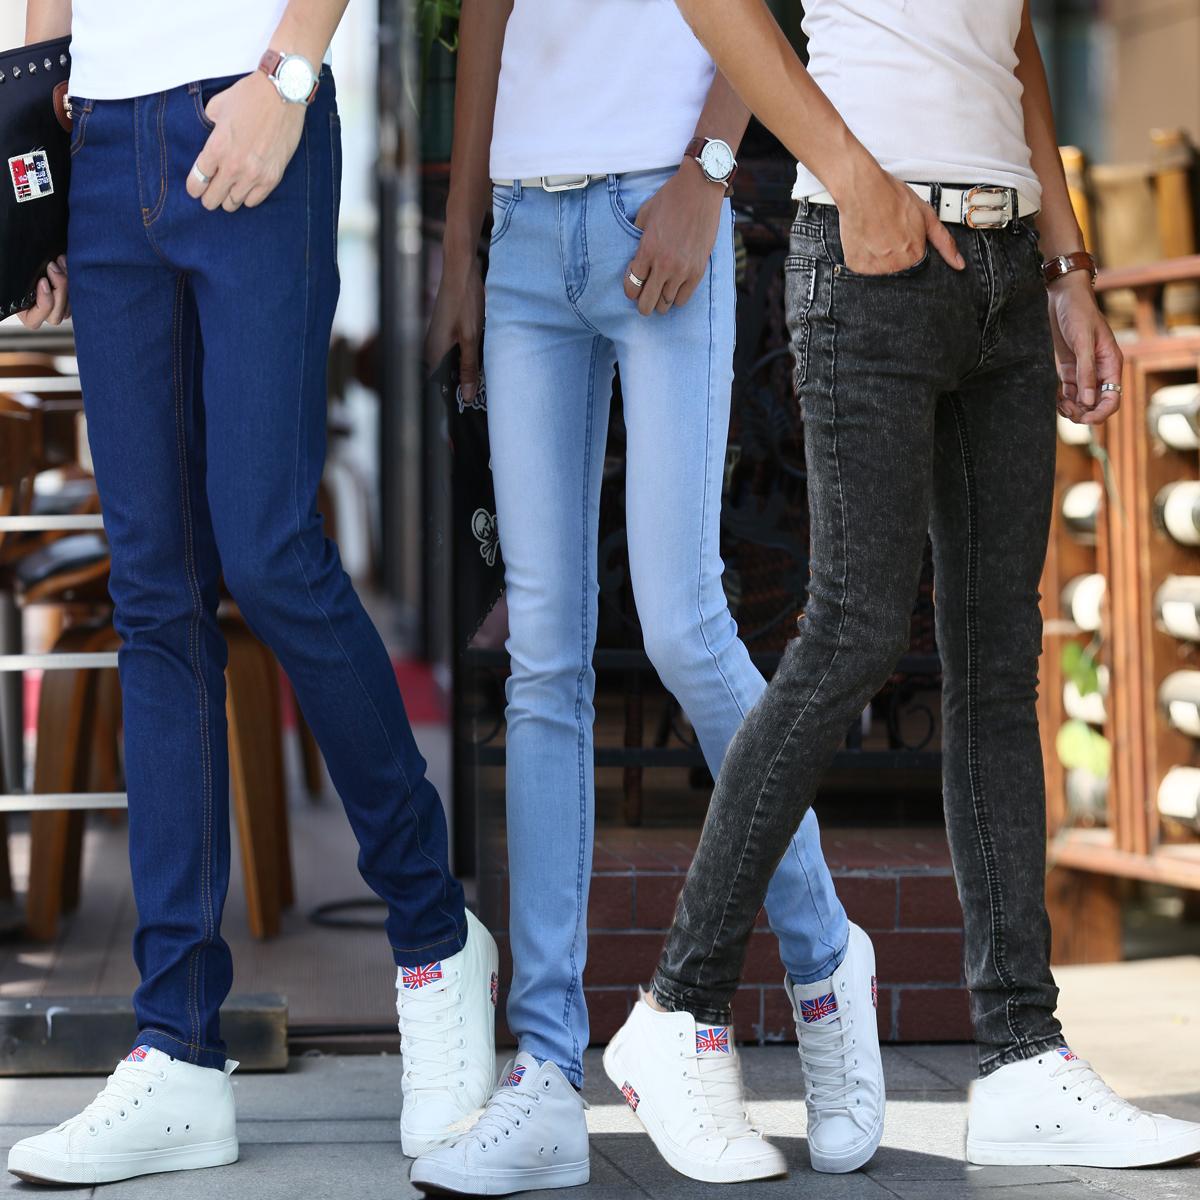 Тонкий стрейч джинсы мужской корейской версии подростков мужчин ноги бум весна/лето люди для похудения моды больше штаны